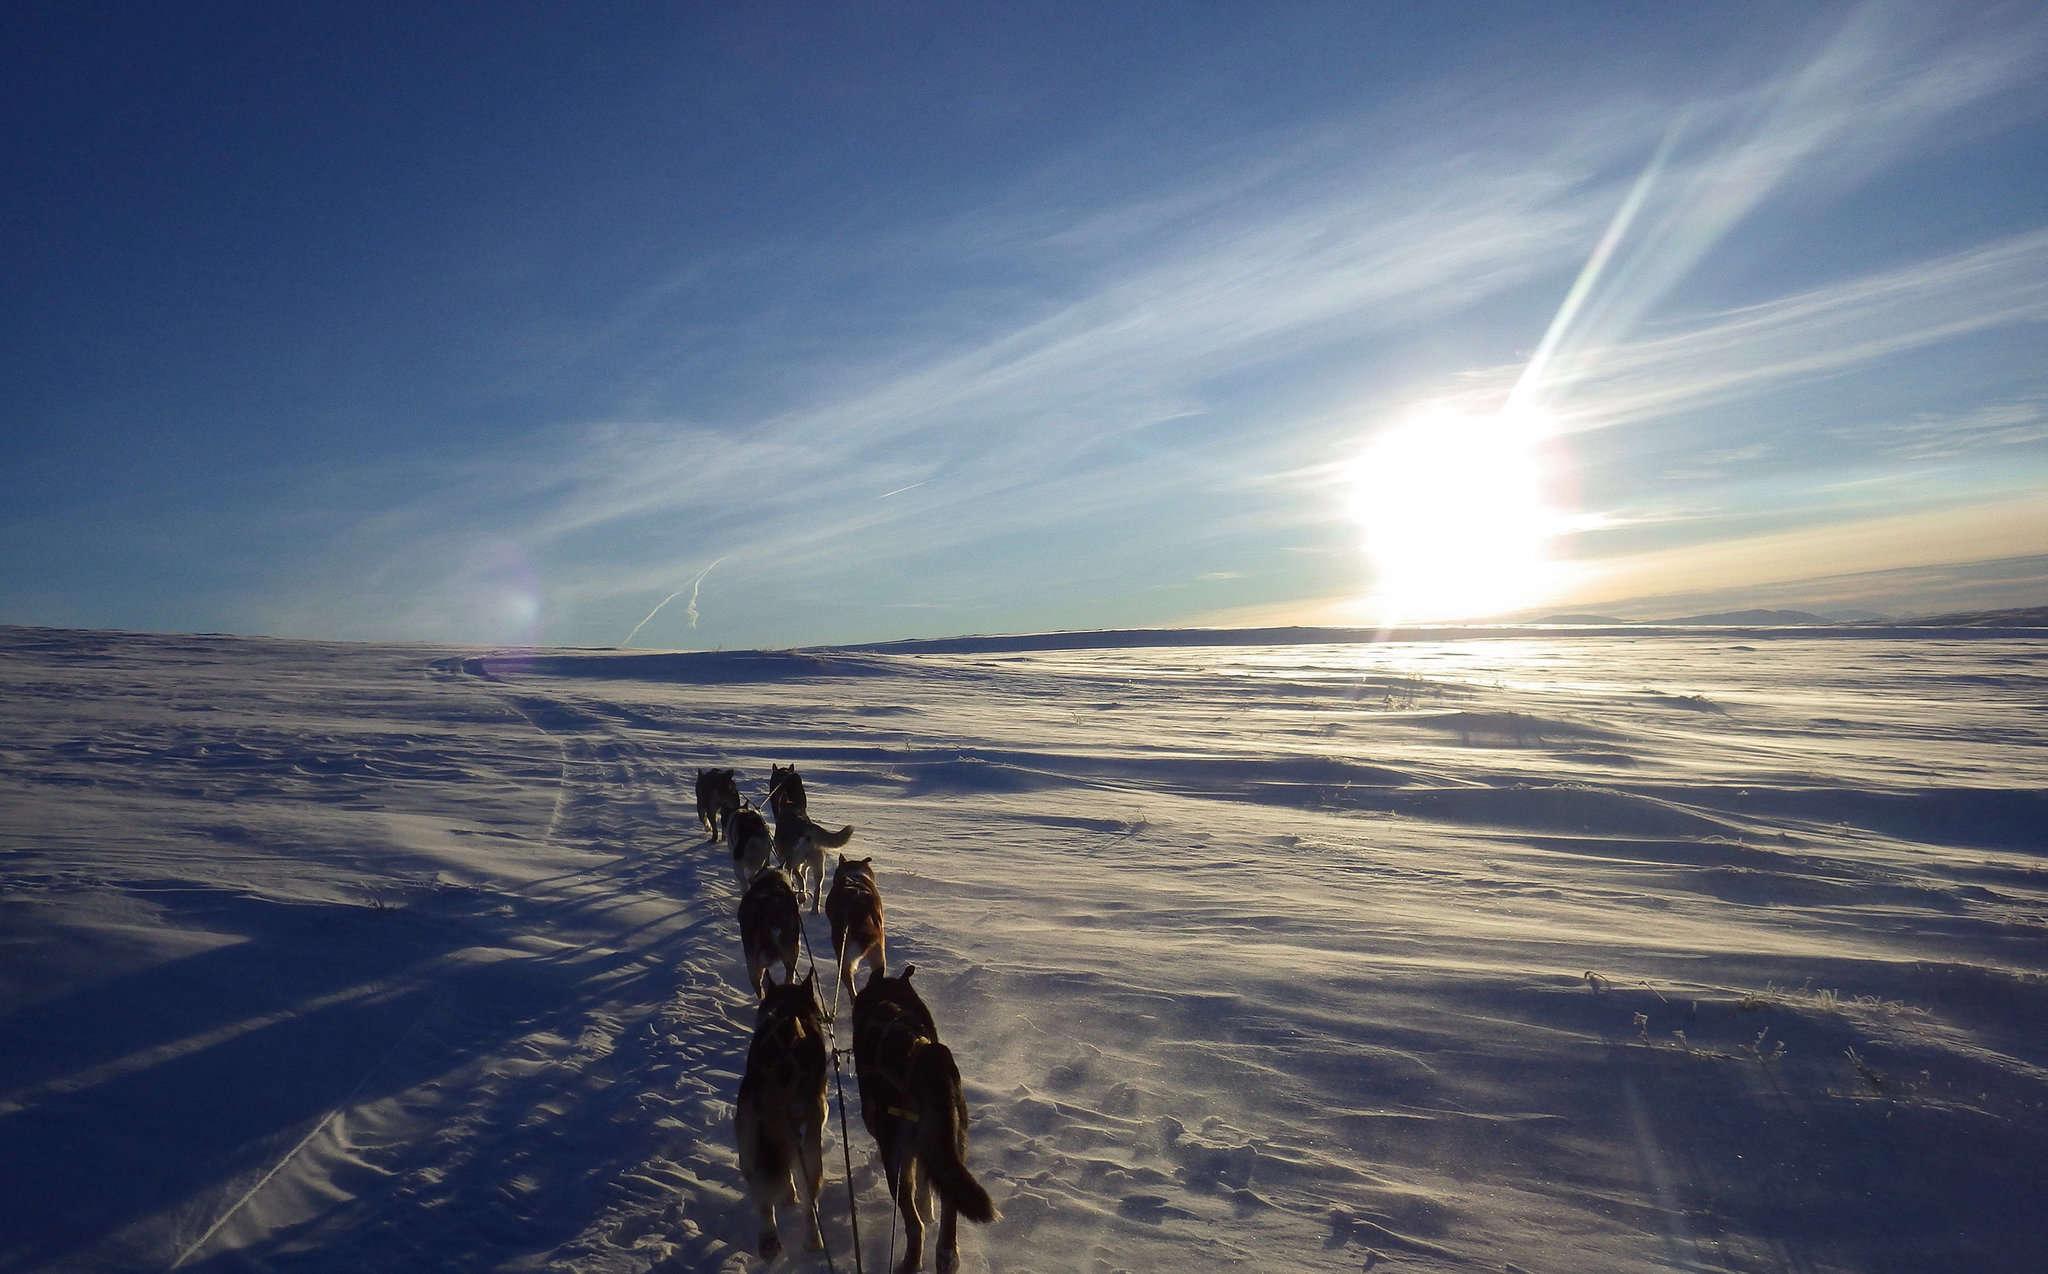 Die Expedition führt Volkhard Jürgens durch die Weite Schwedens.